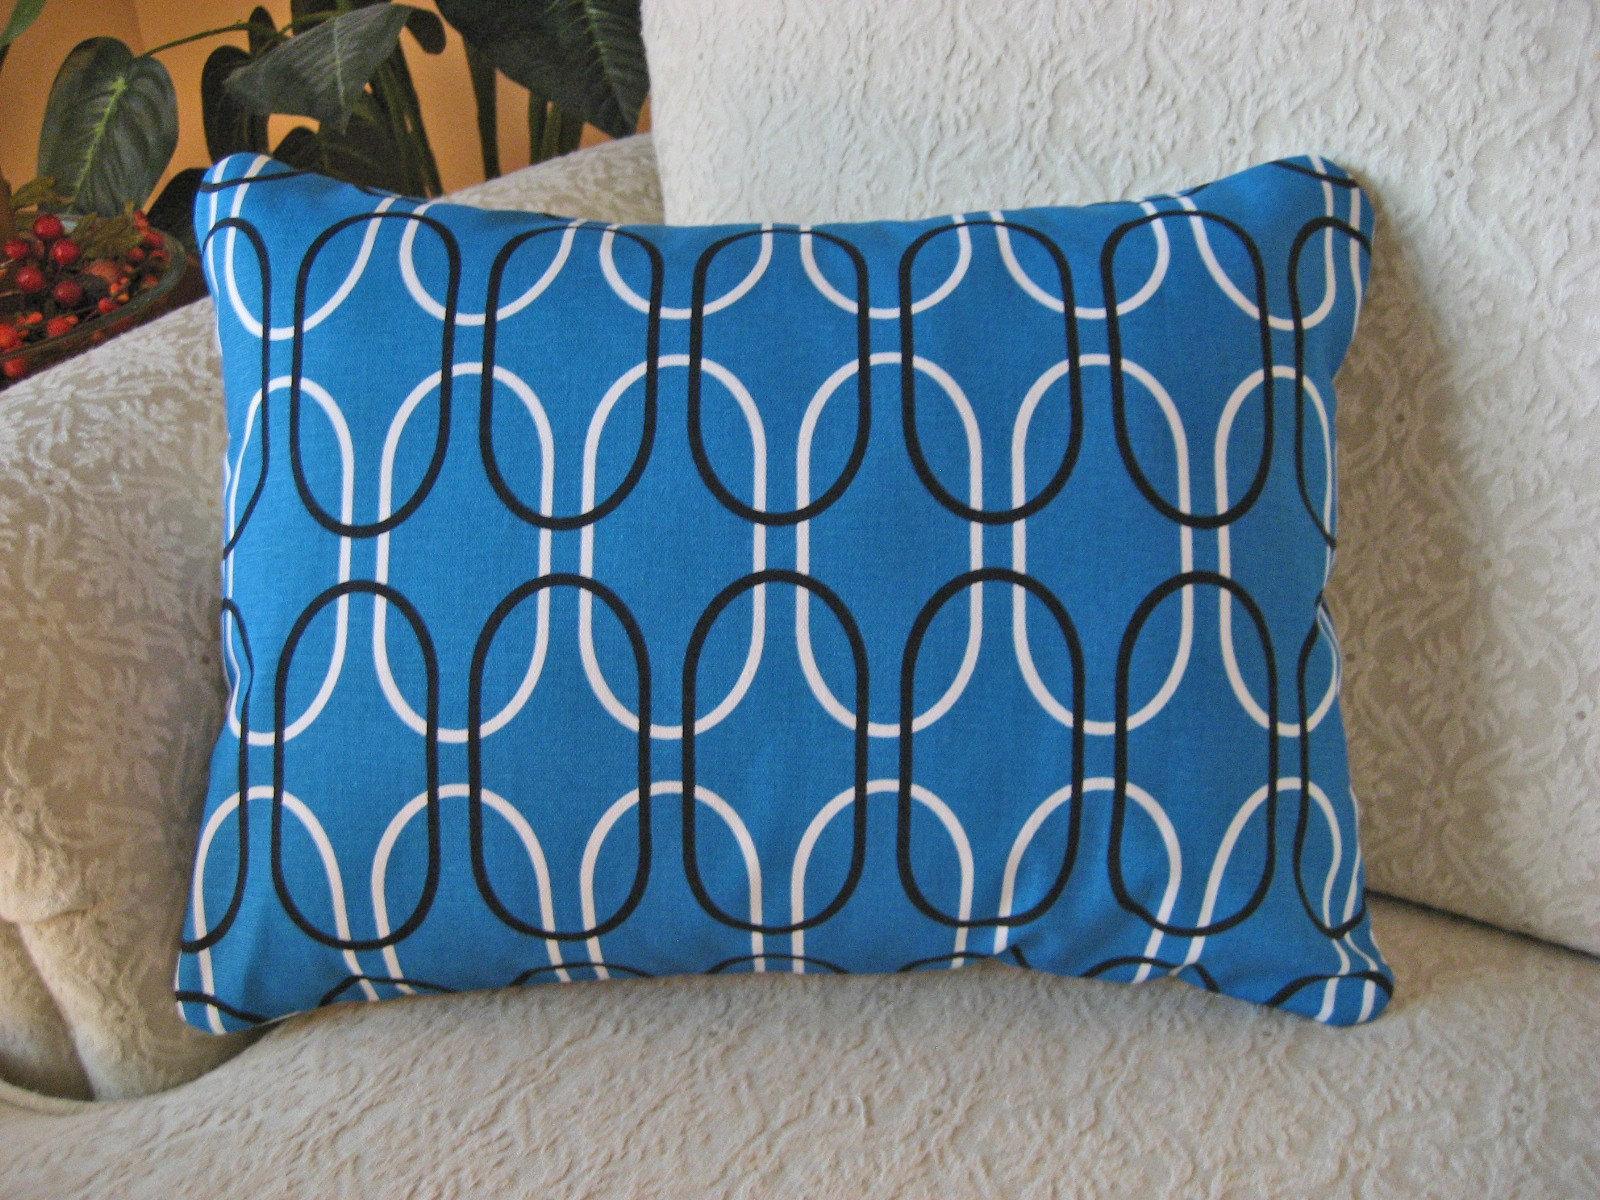 Ocean Blue Decorative Pillows : Decorative Throw Pillow Cover Ocean Blue 12 x 16 Shiba